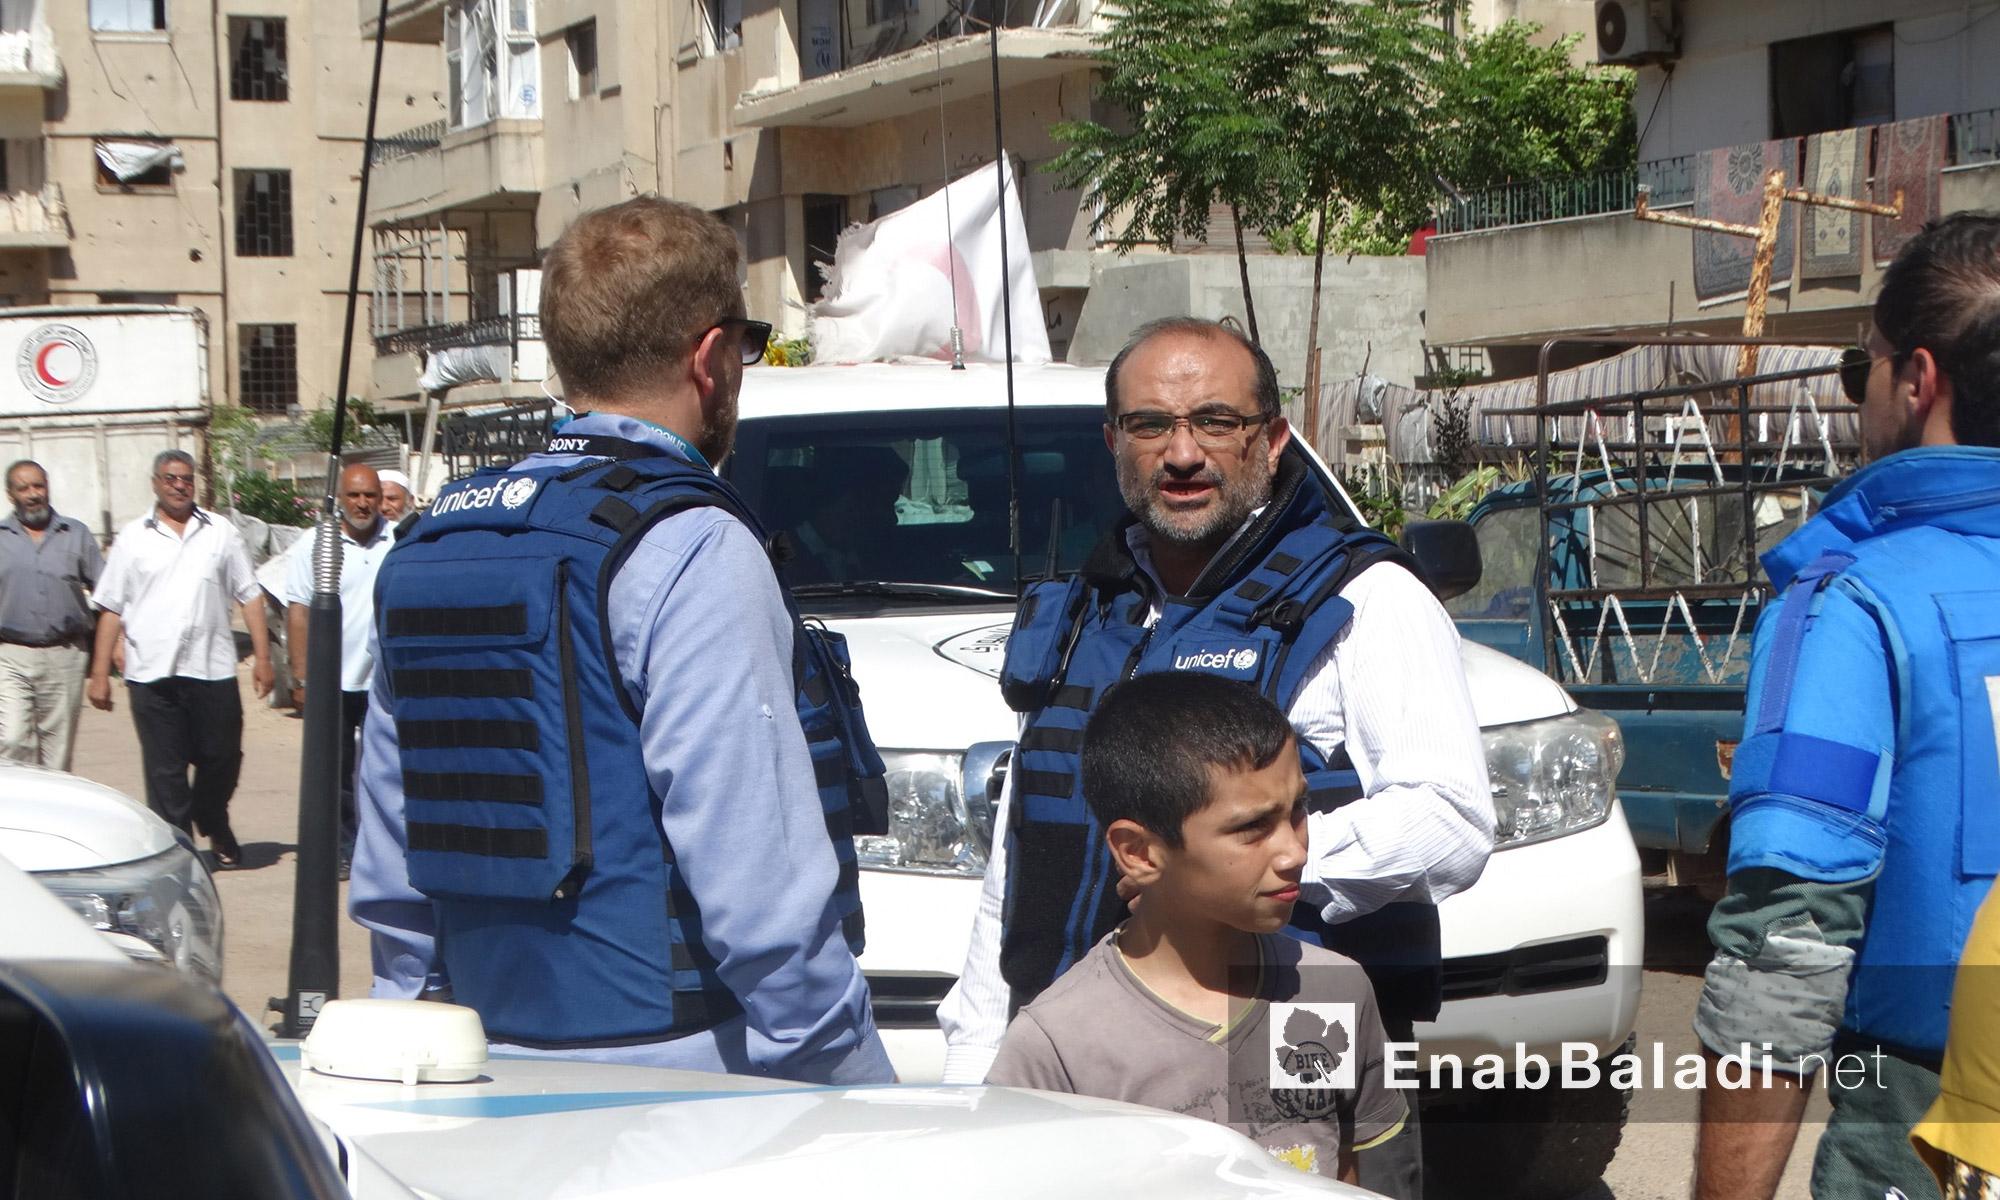 الوفد المرافق لقافلة  المساعدات داخل حي الوعر في حمص - الخميس 14 تموز (عنب بلدي)